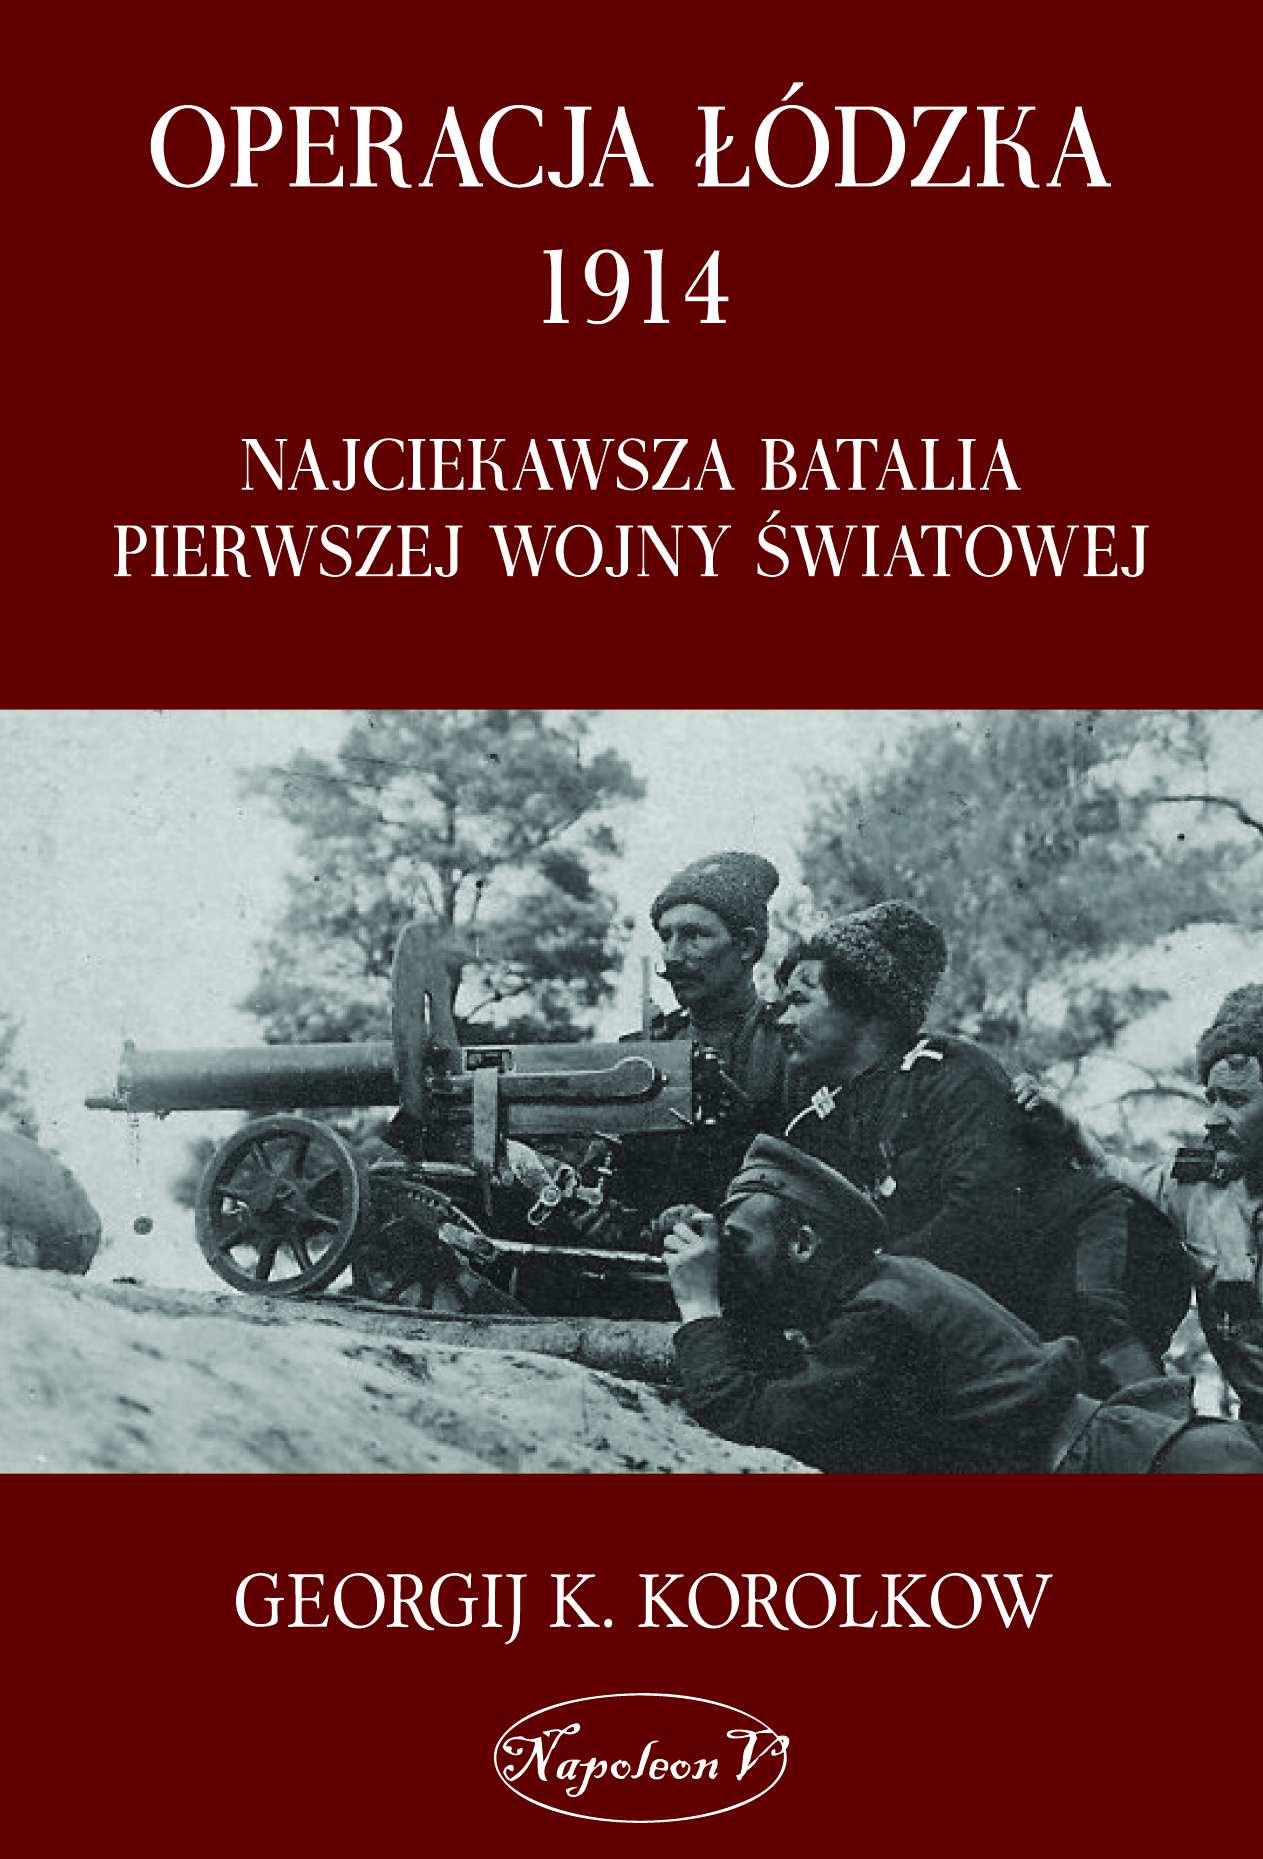 Operacja łódzka 1914. Najciekawsza batalia pierwszej wojny światowej - Ebook (Książka EPUB) do pobrania w formacie EPUB